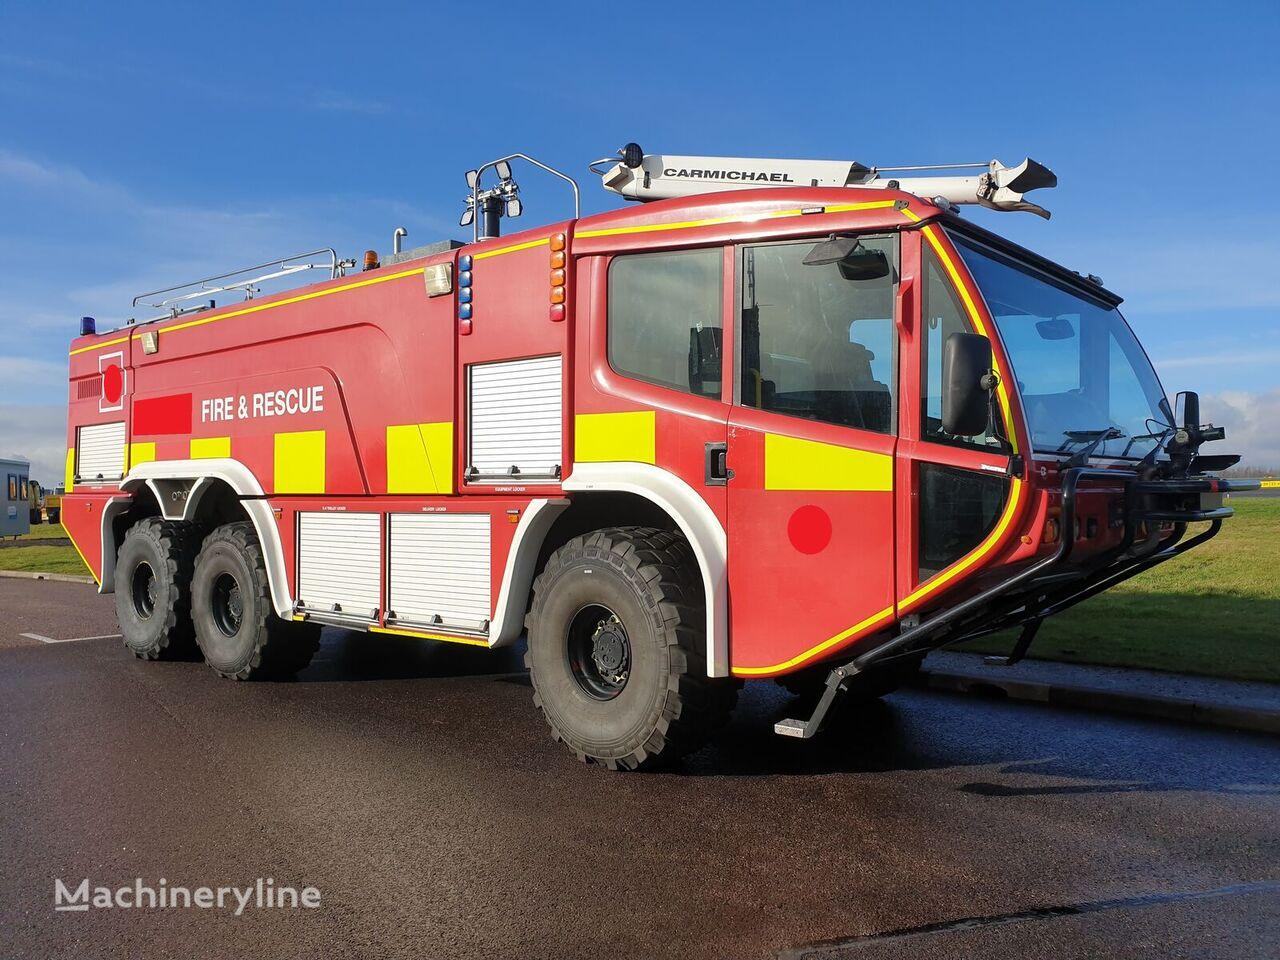 аэродромный пожарный автомобиль Carmichael Cobra 2